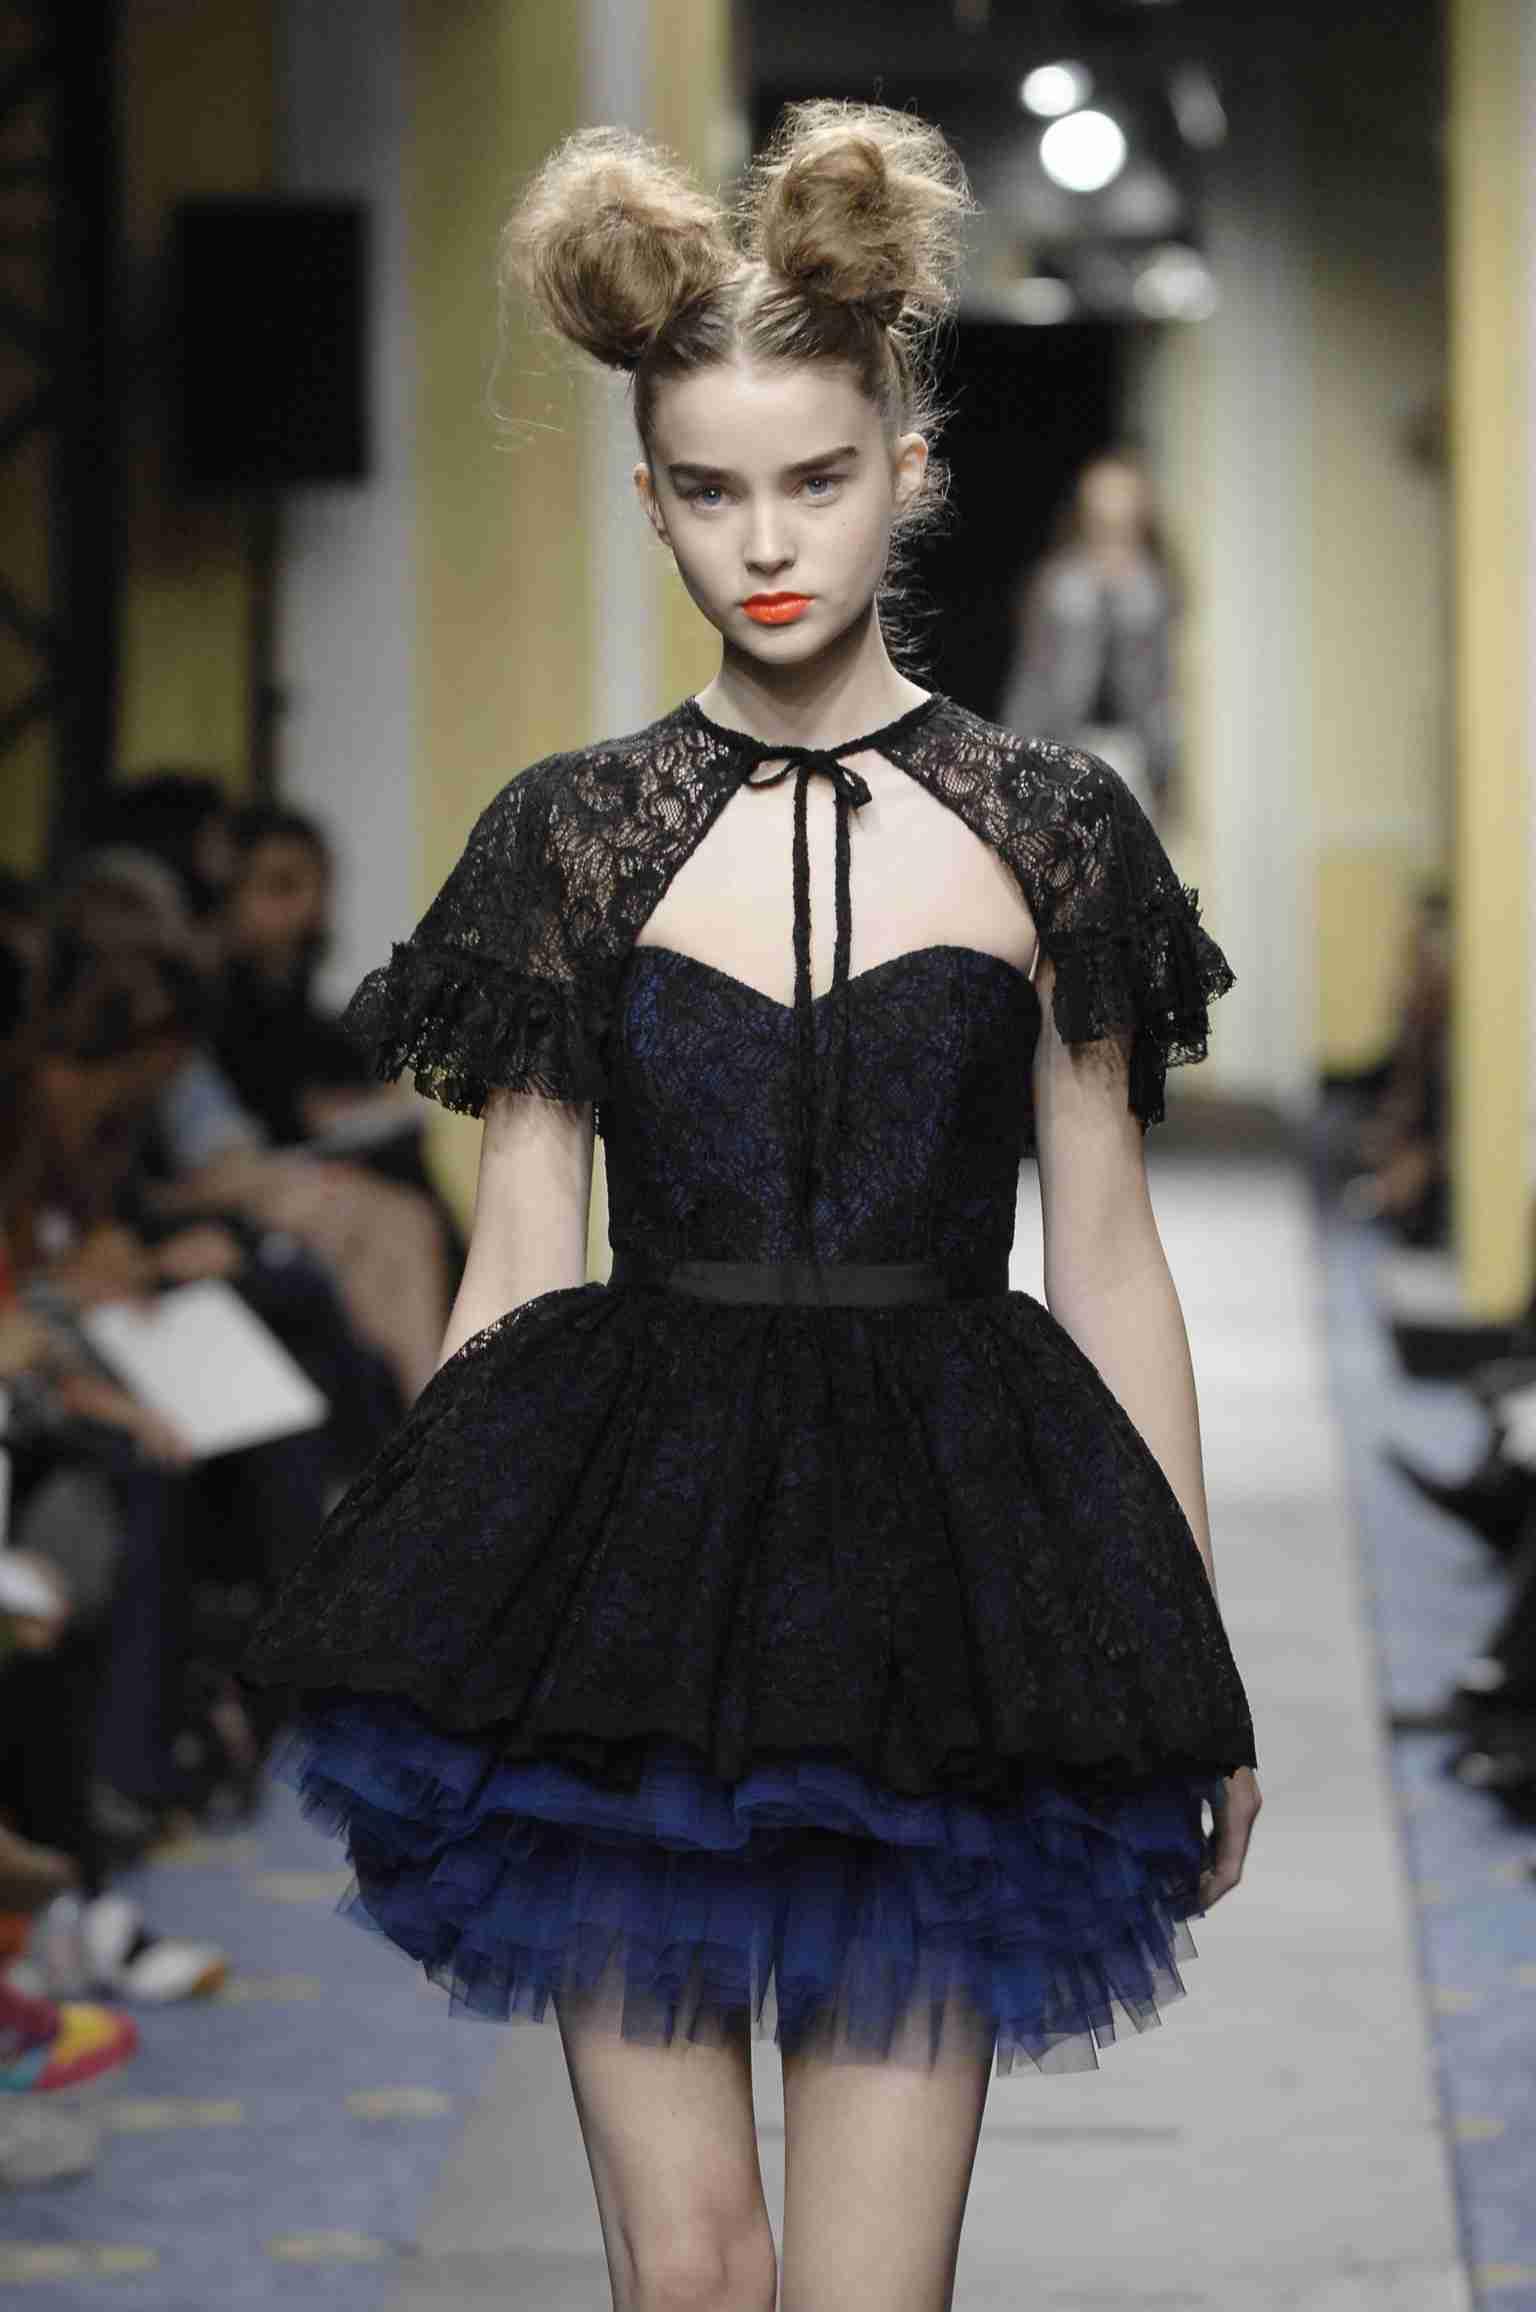 このファッションモデルを知っていたらプラス